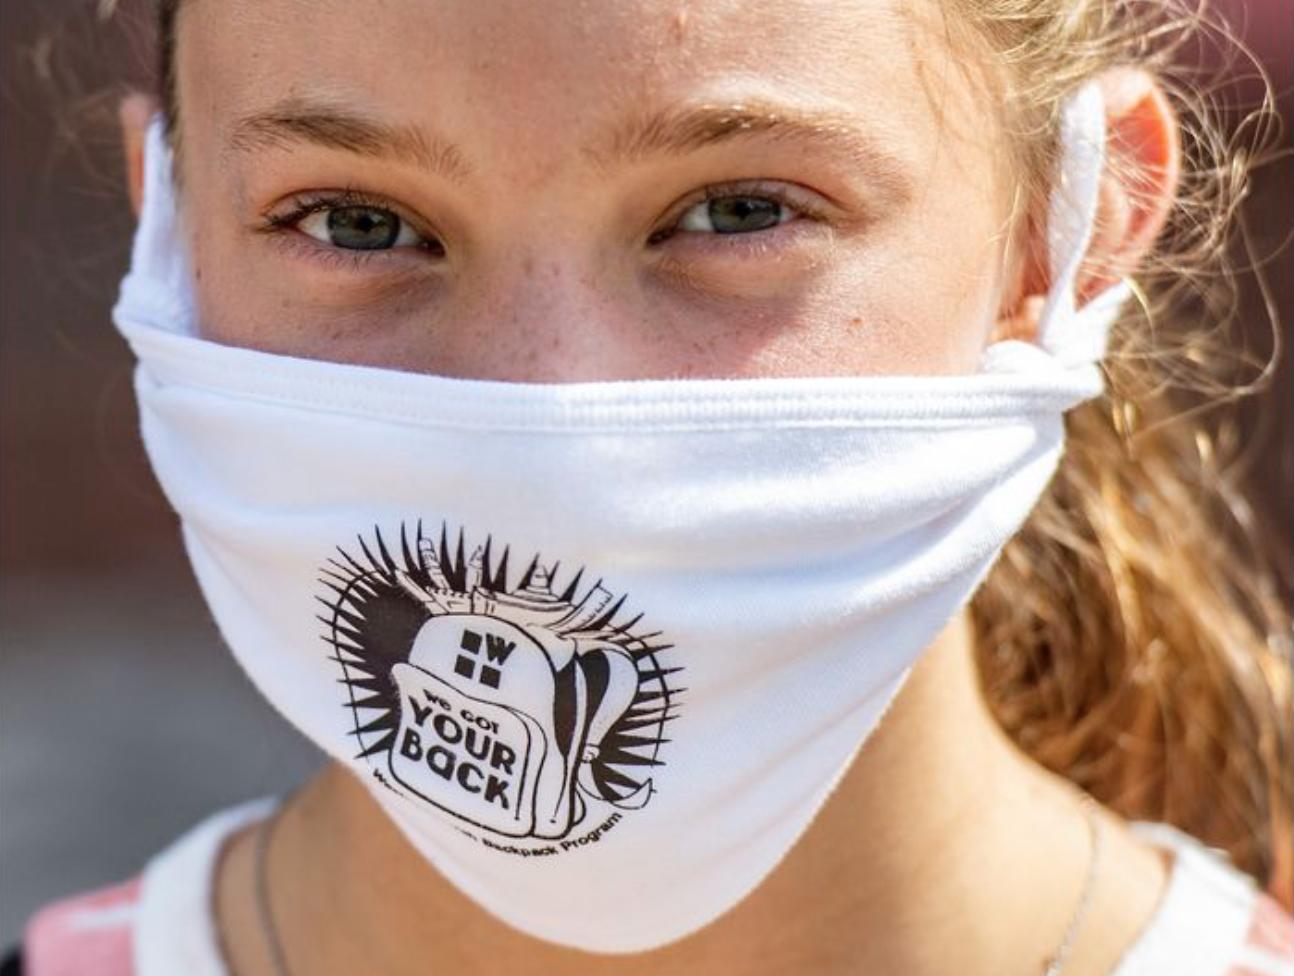 La voluntaria Kyla Sepnger, de 13 años, se ve con una máscara puesta durante el día de entrega de morrales de la iglesia Wesley en Bethlehem, realizado el sábado. Foto de April Gamiz, The Morning Call.